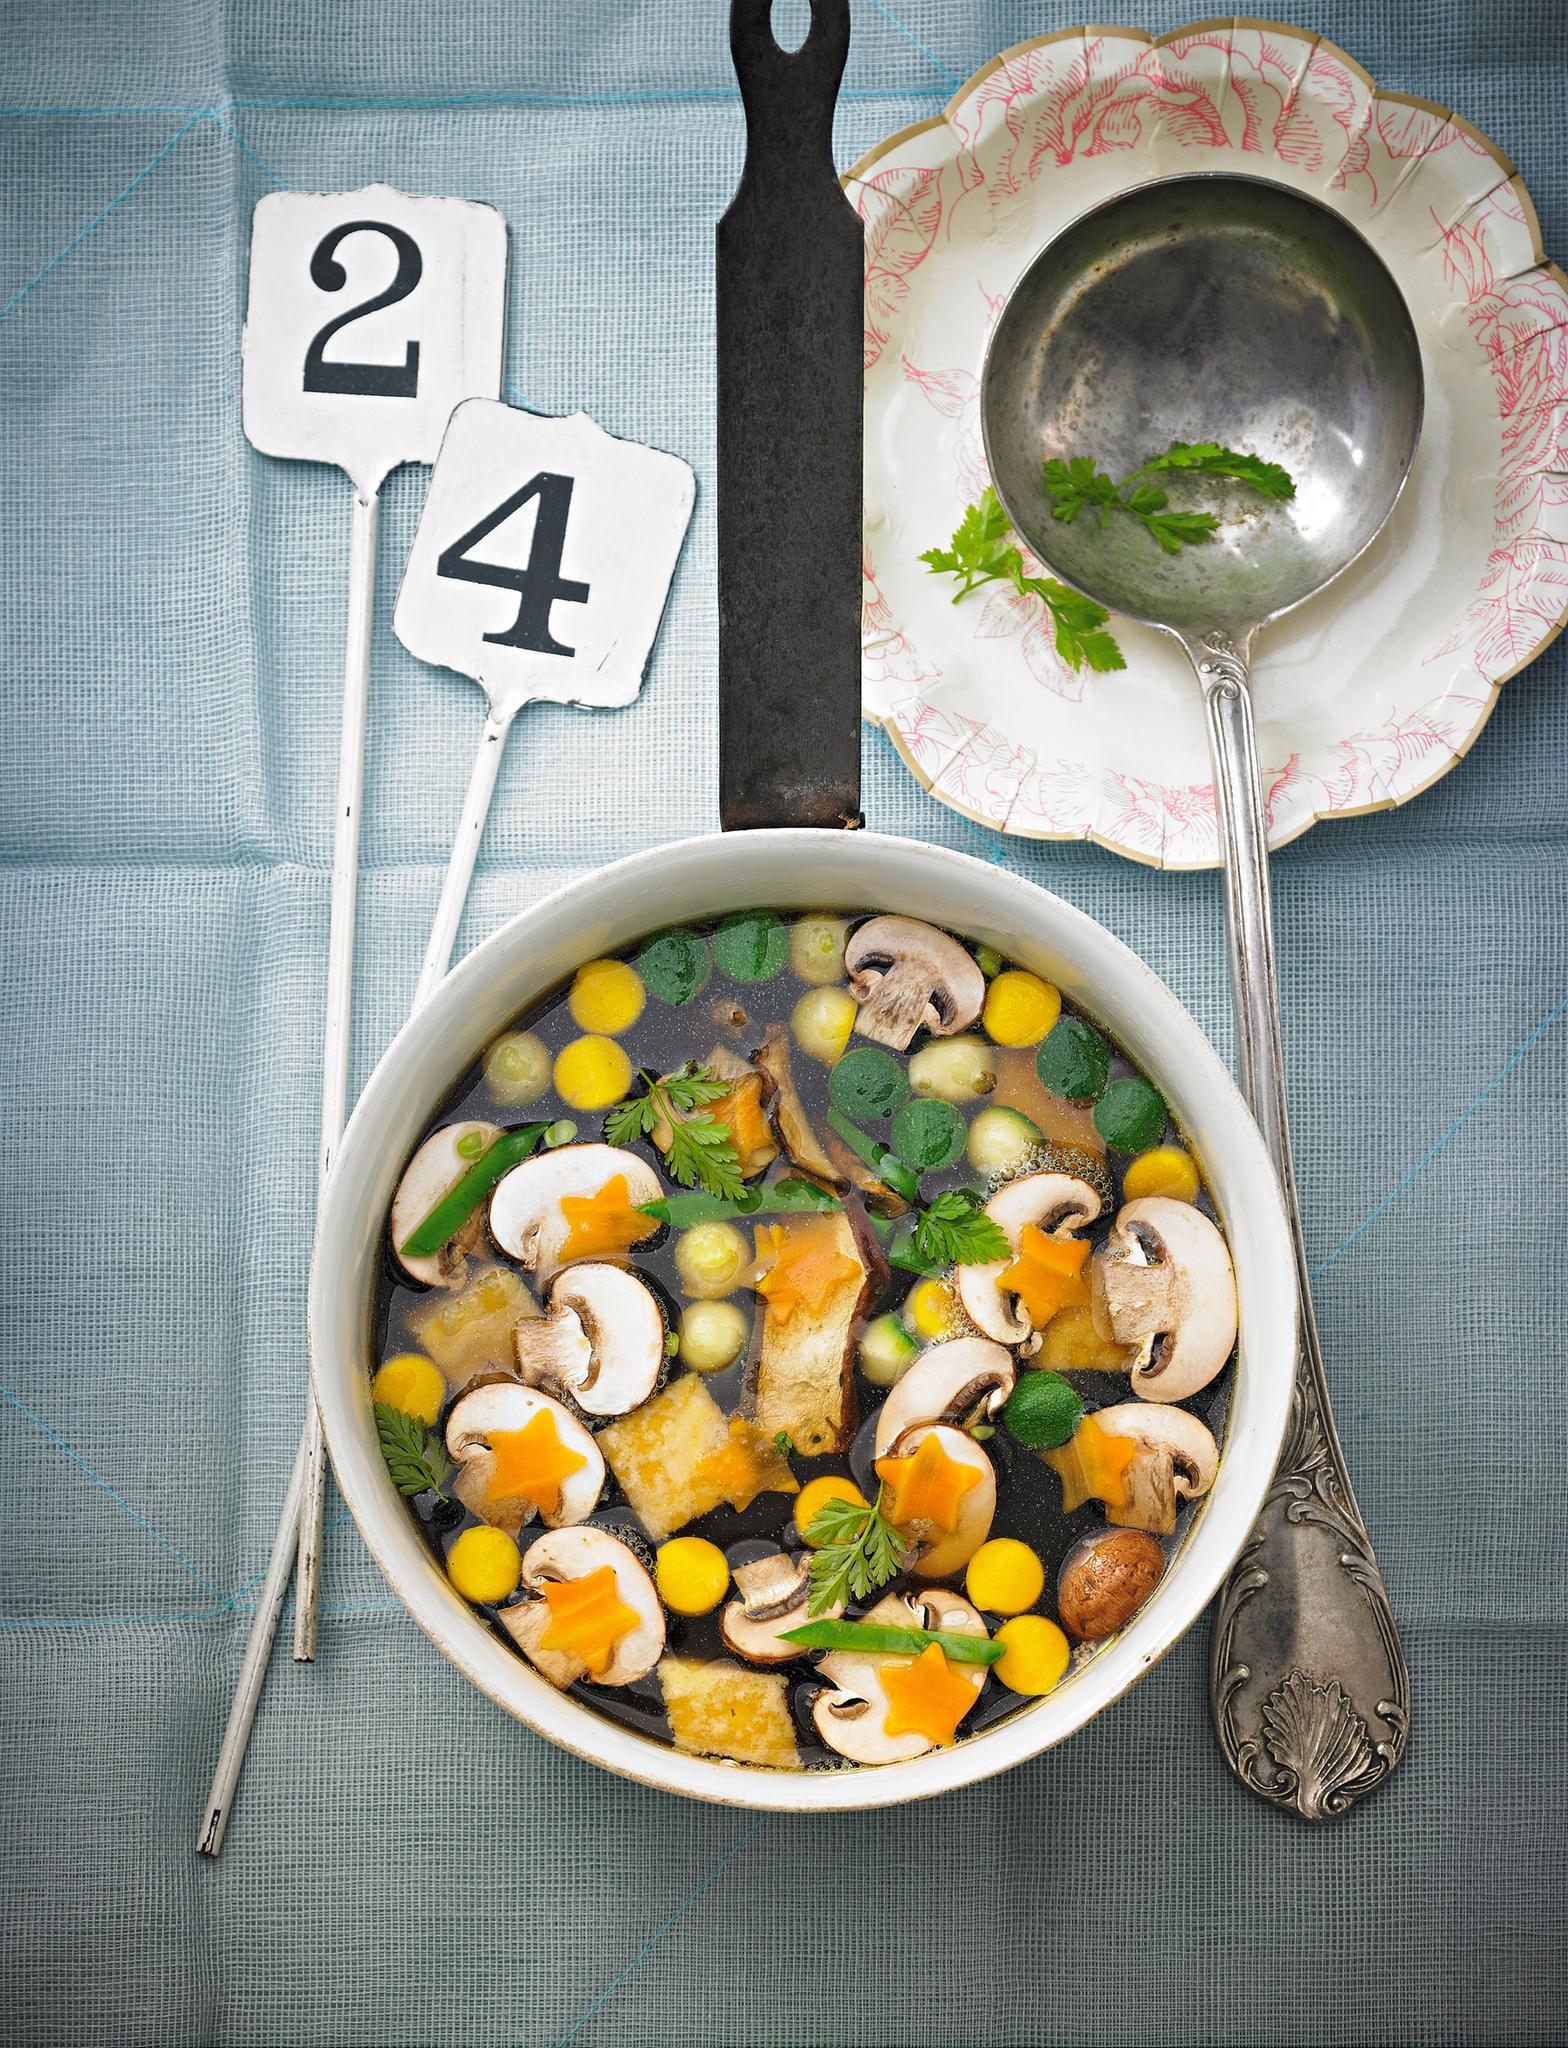 Der ideale Auftakt für ein Veggie-Menü. Für alle, die eine leichte Vorspeise möchten und Eierstich als Einlage genauso großartig finden wie wir. Zum Rezept: Klare Gemüse-Pilz-Suppe